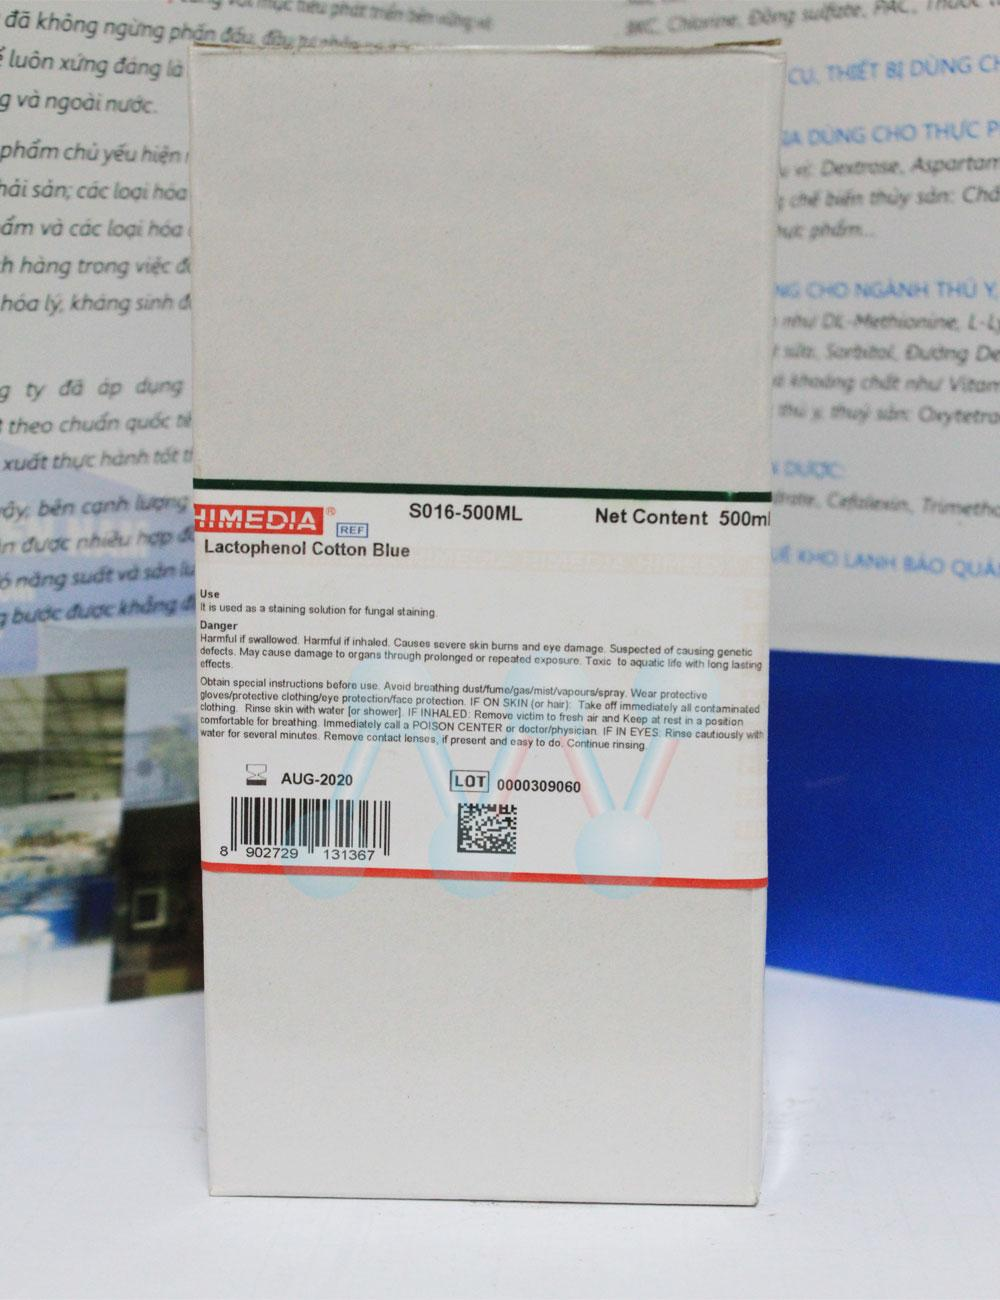 Lactophenol Cotton Blue